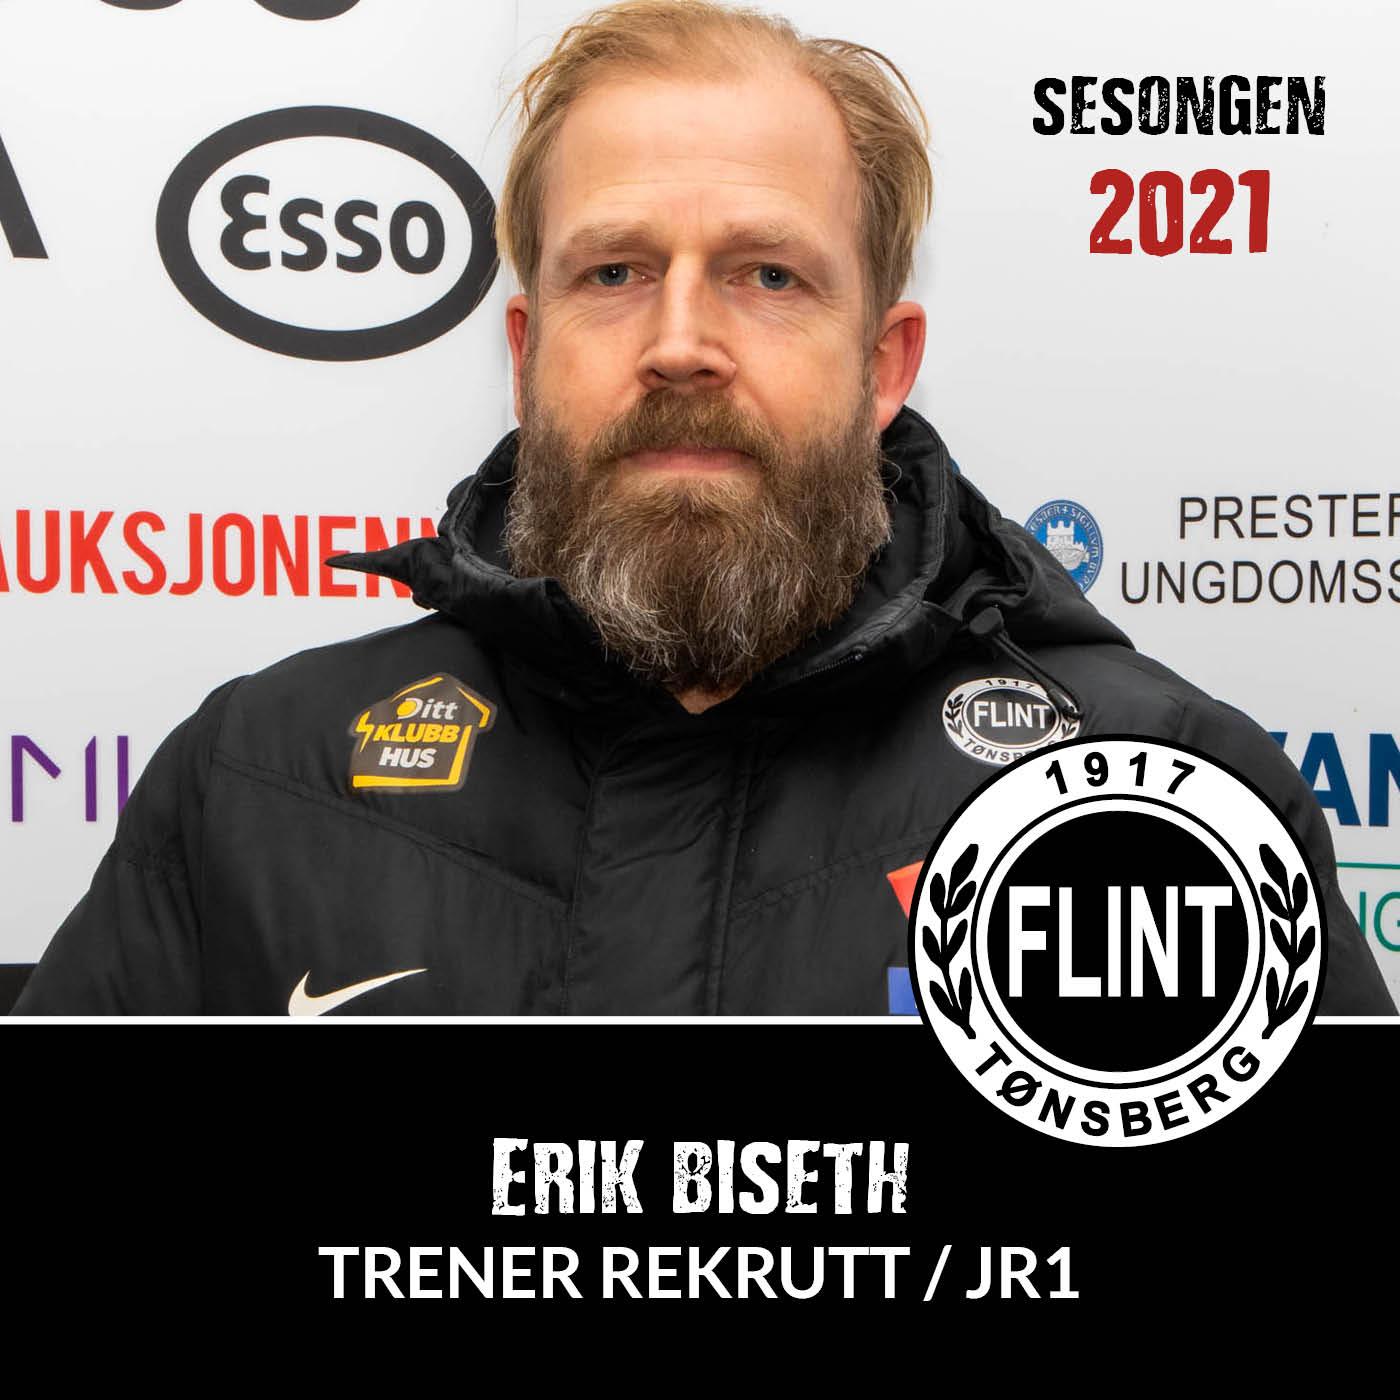 https://www.flintfotball.no/wp-content/uploads/2021/02/Trenere-Erik-Biseth.jpg